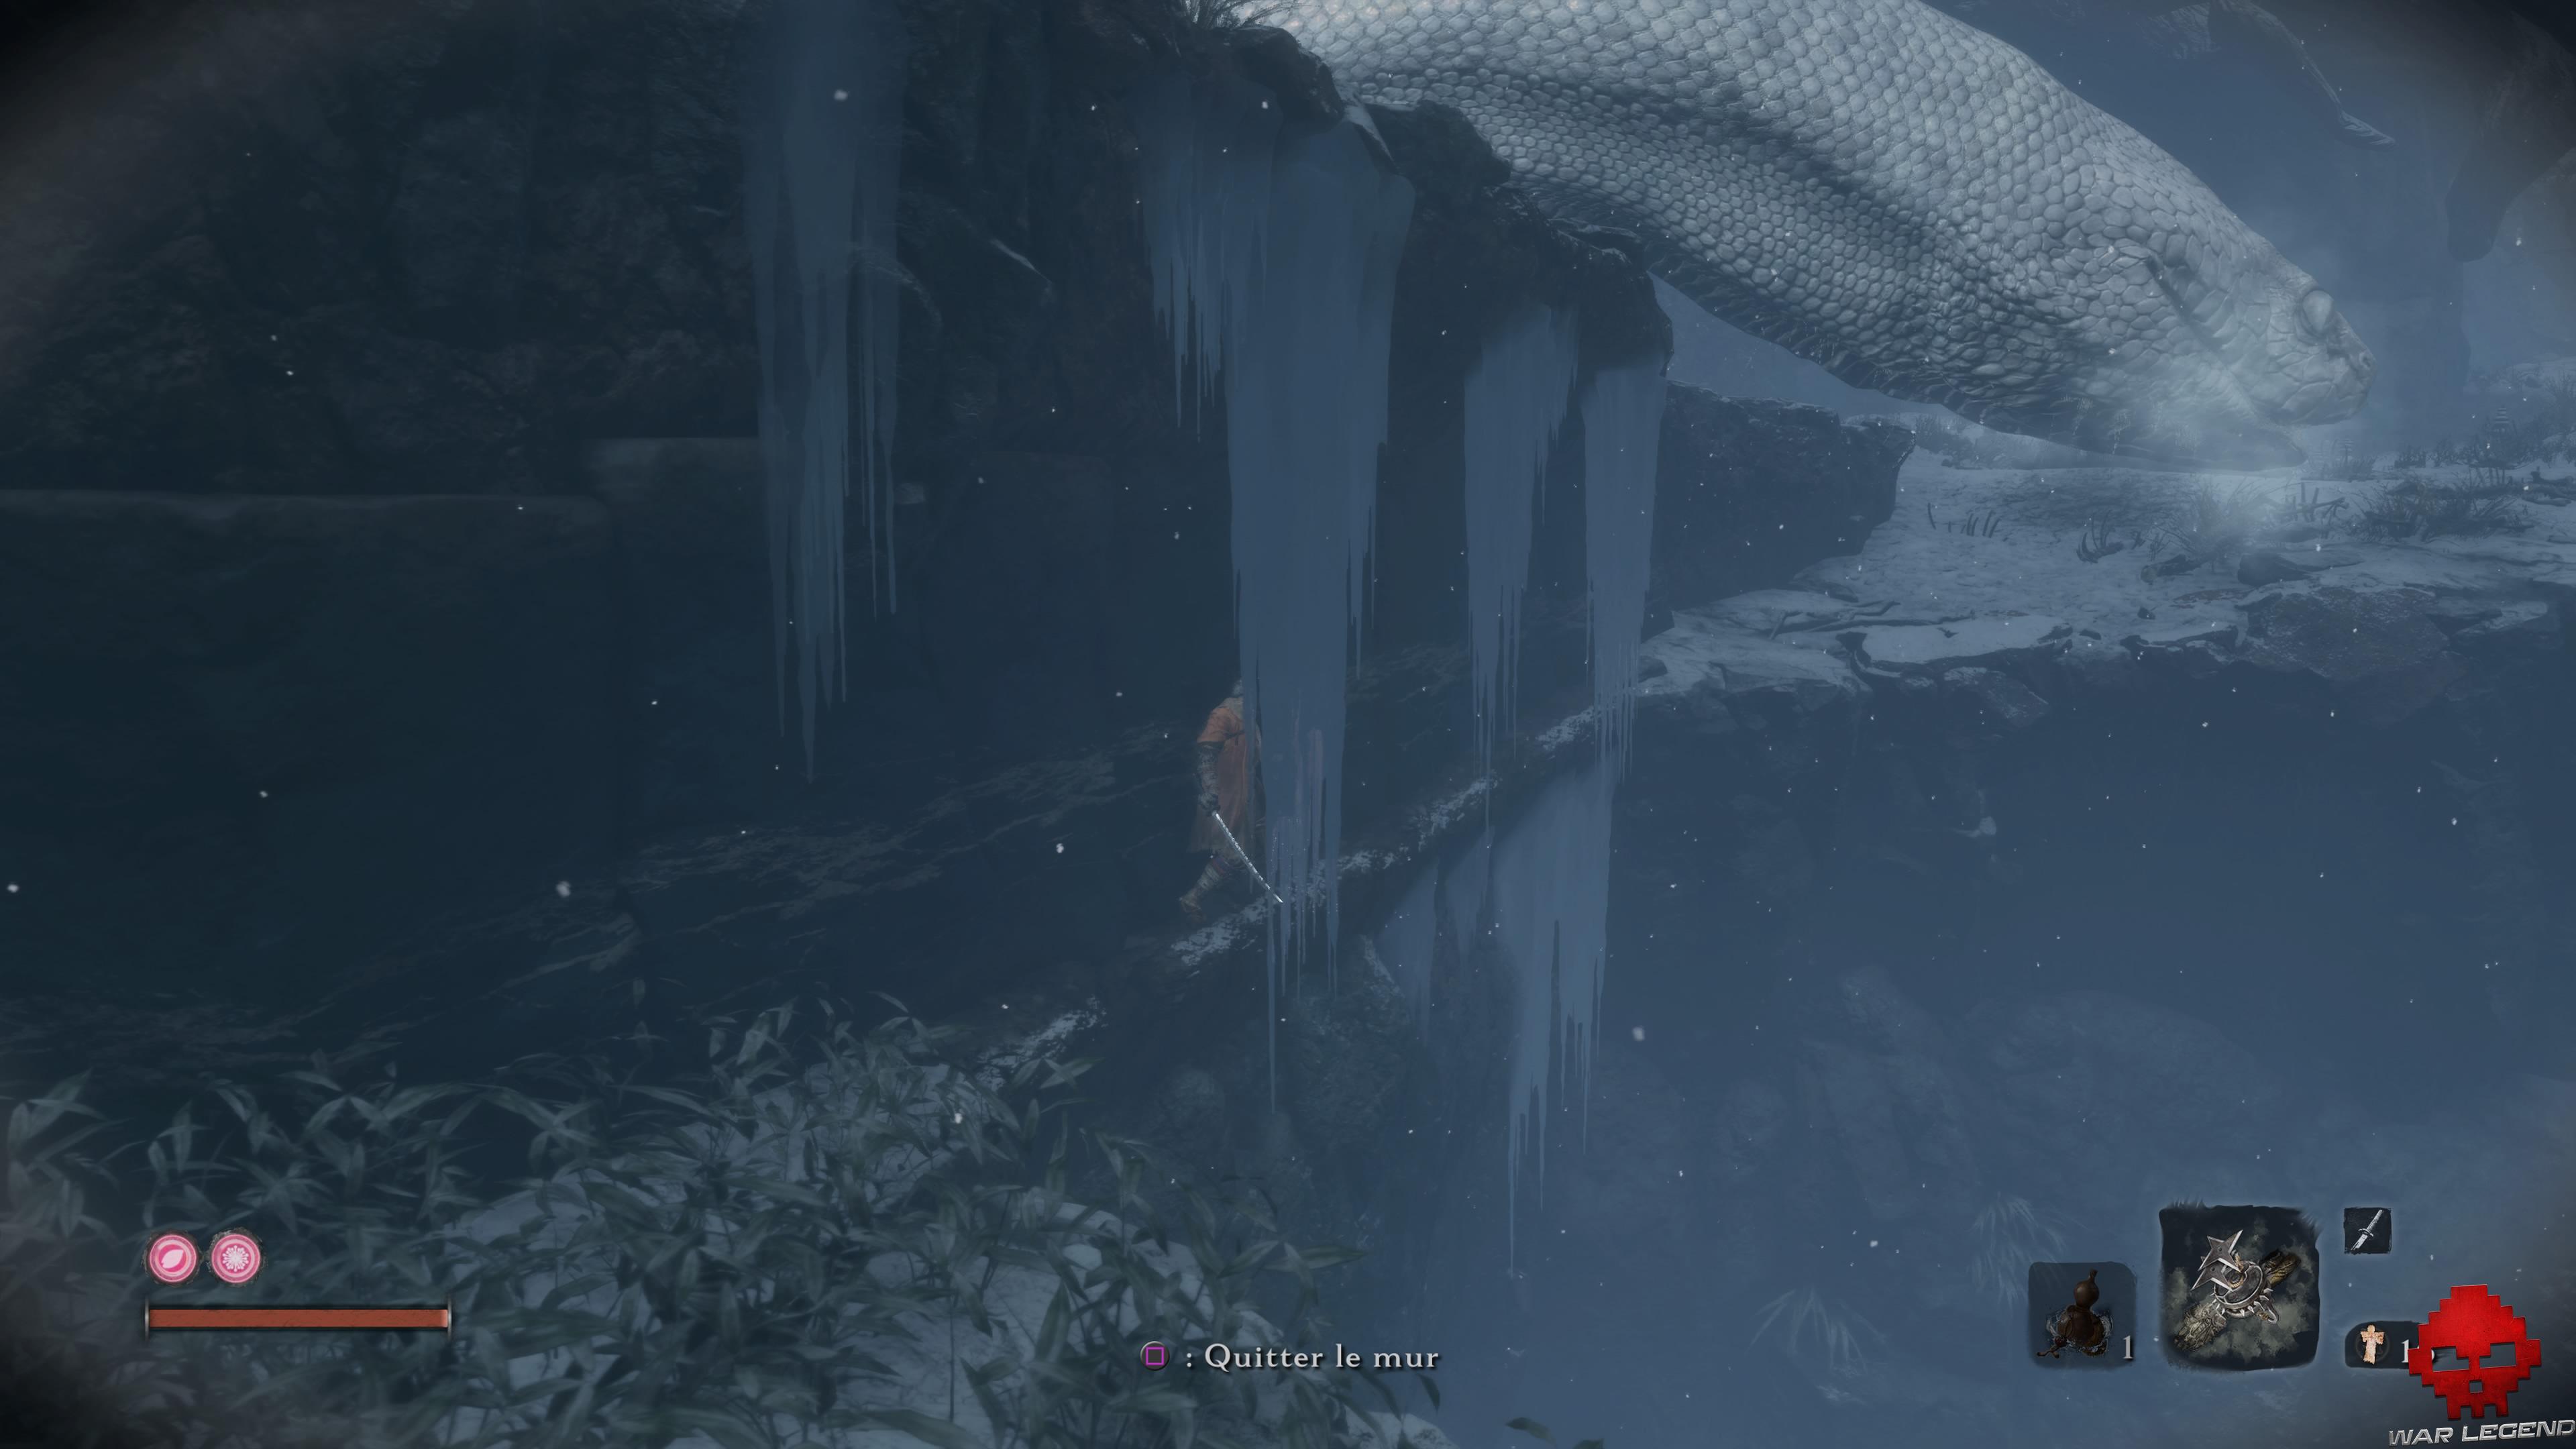 Soluce Sekiro les alentours d'ashina sekiro caché derrière mur de glace